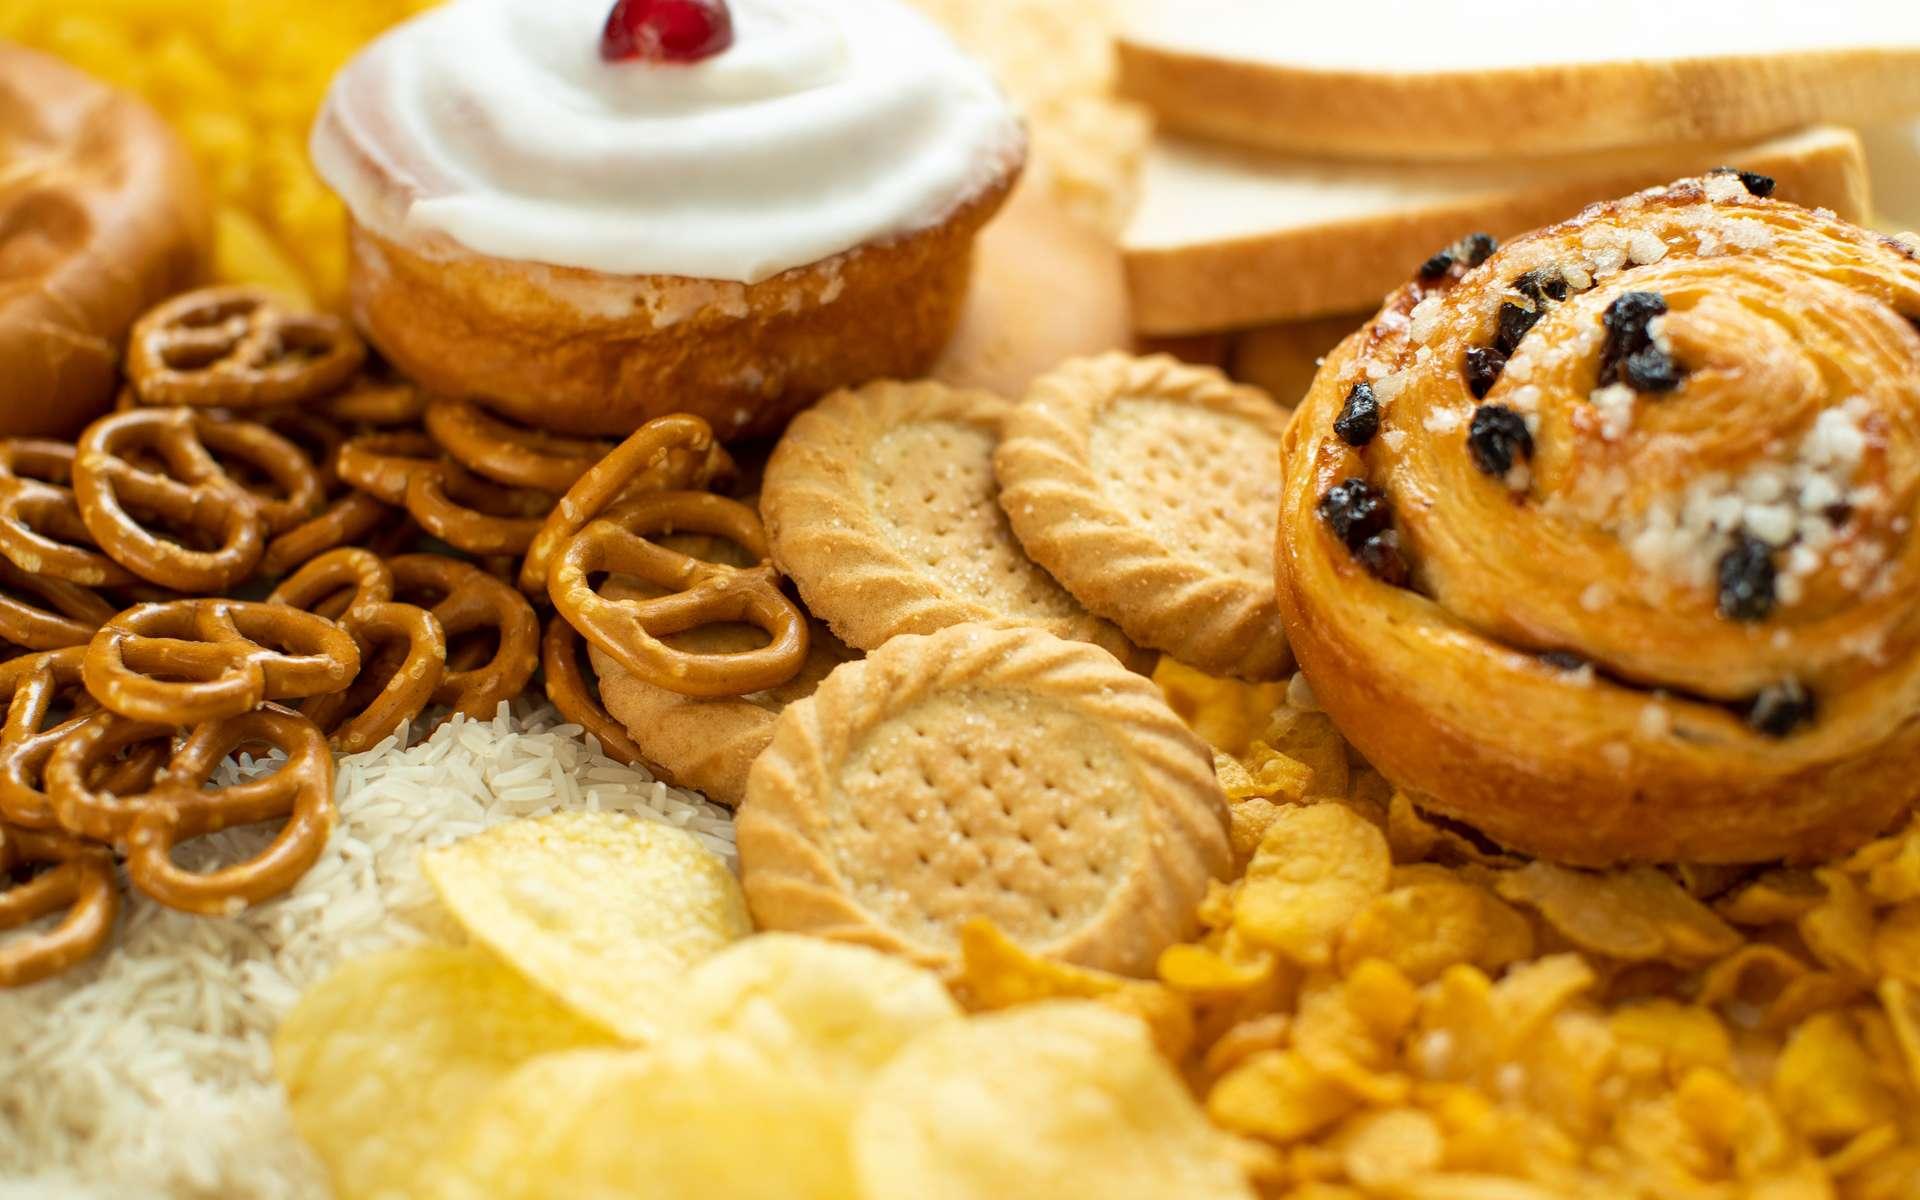 Aliments ultra-transformés : trois nouvelles études les associent à des effets néfastes. © Daisy Daisy, Adobe Stock